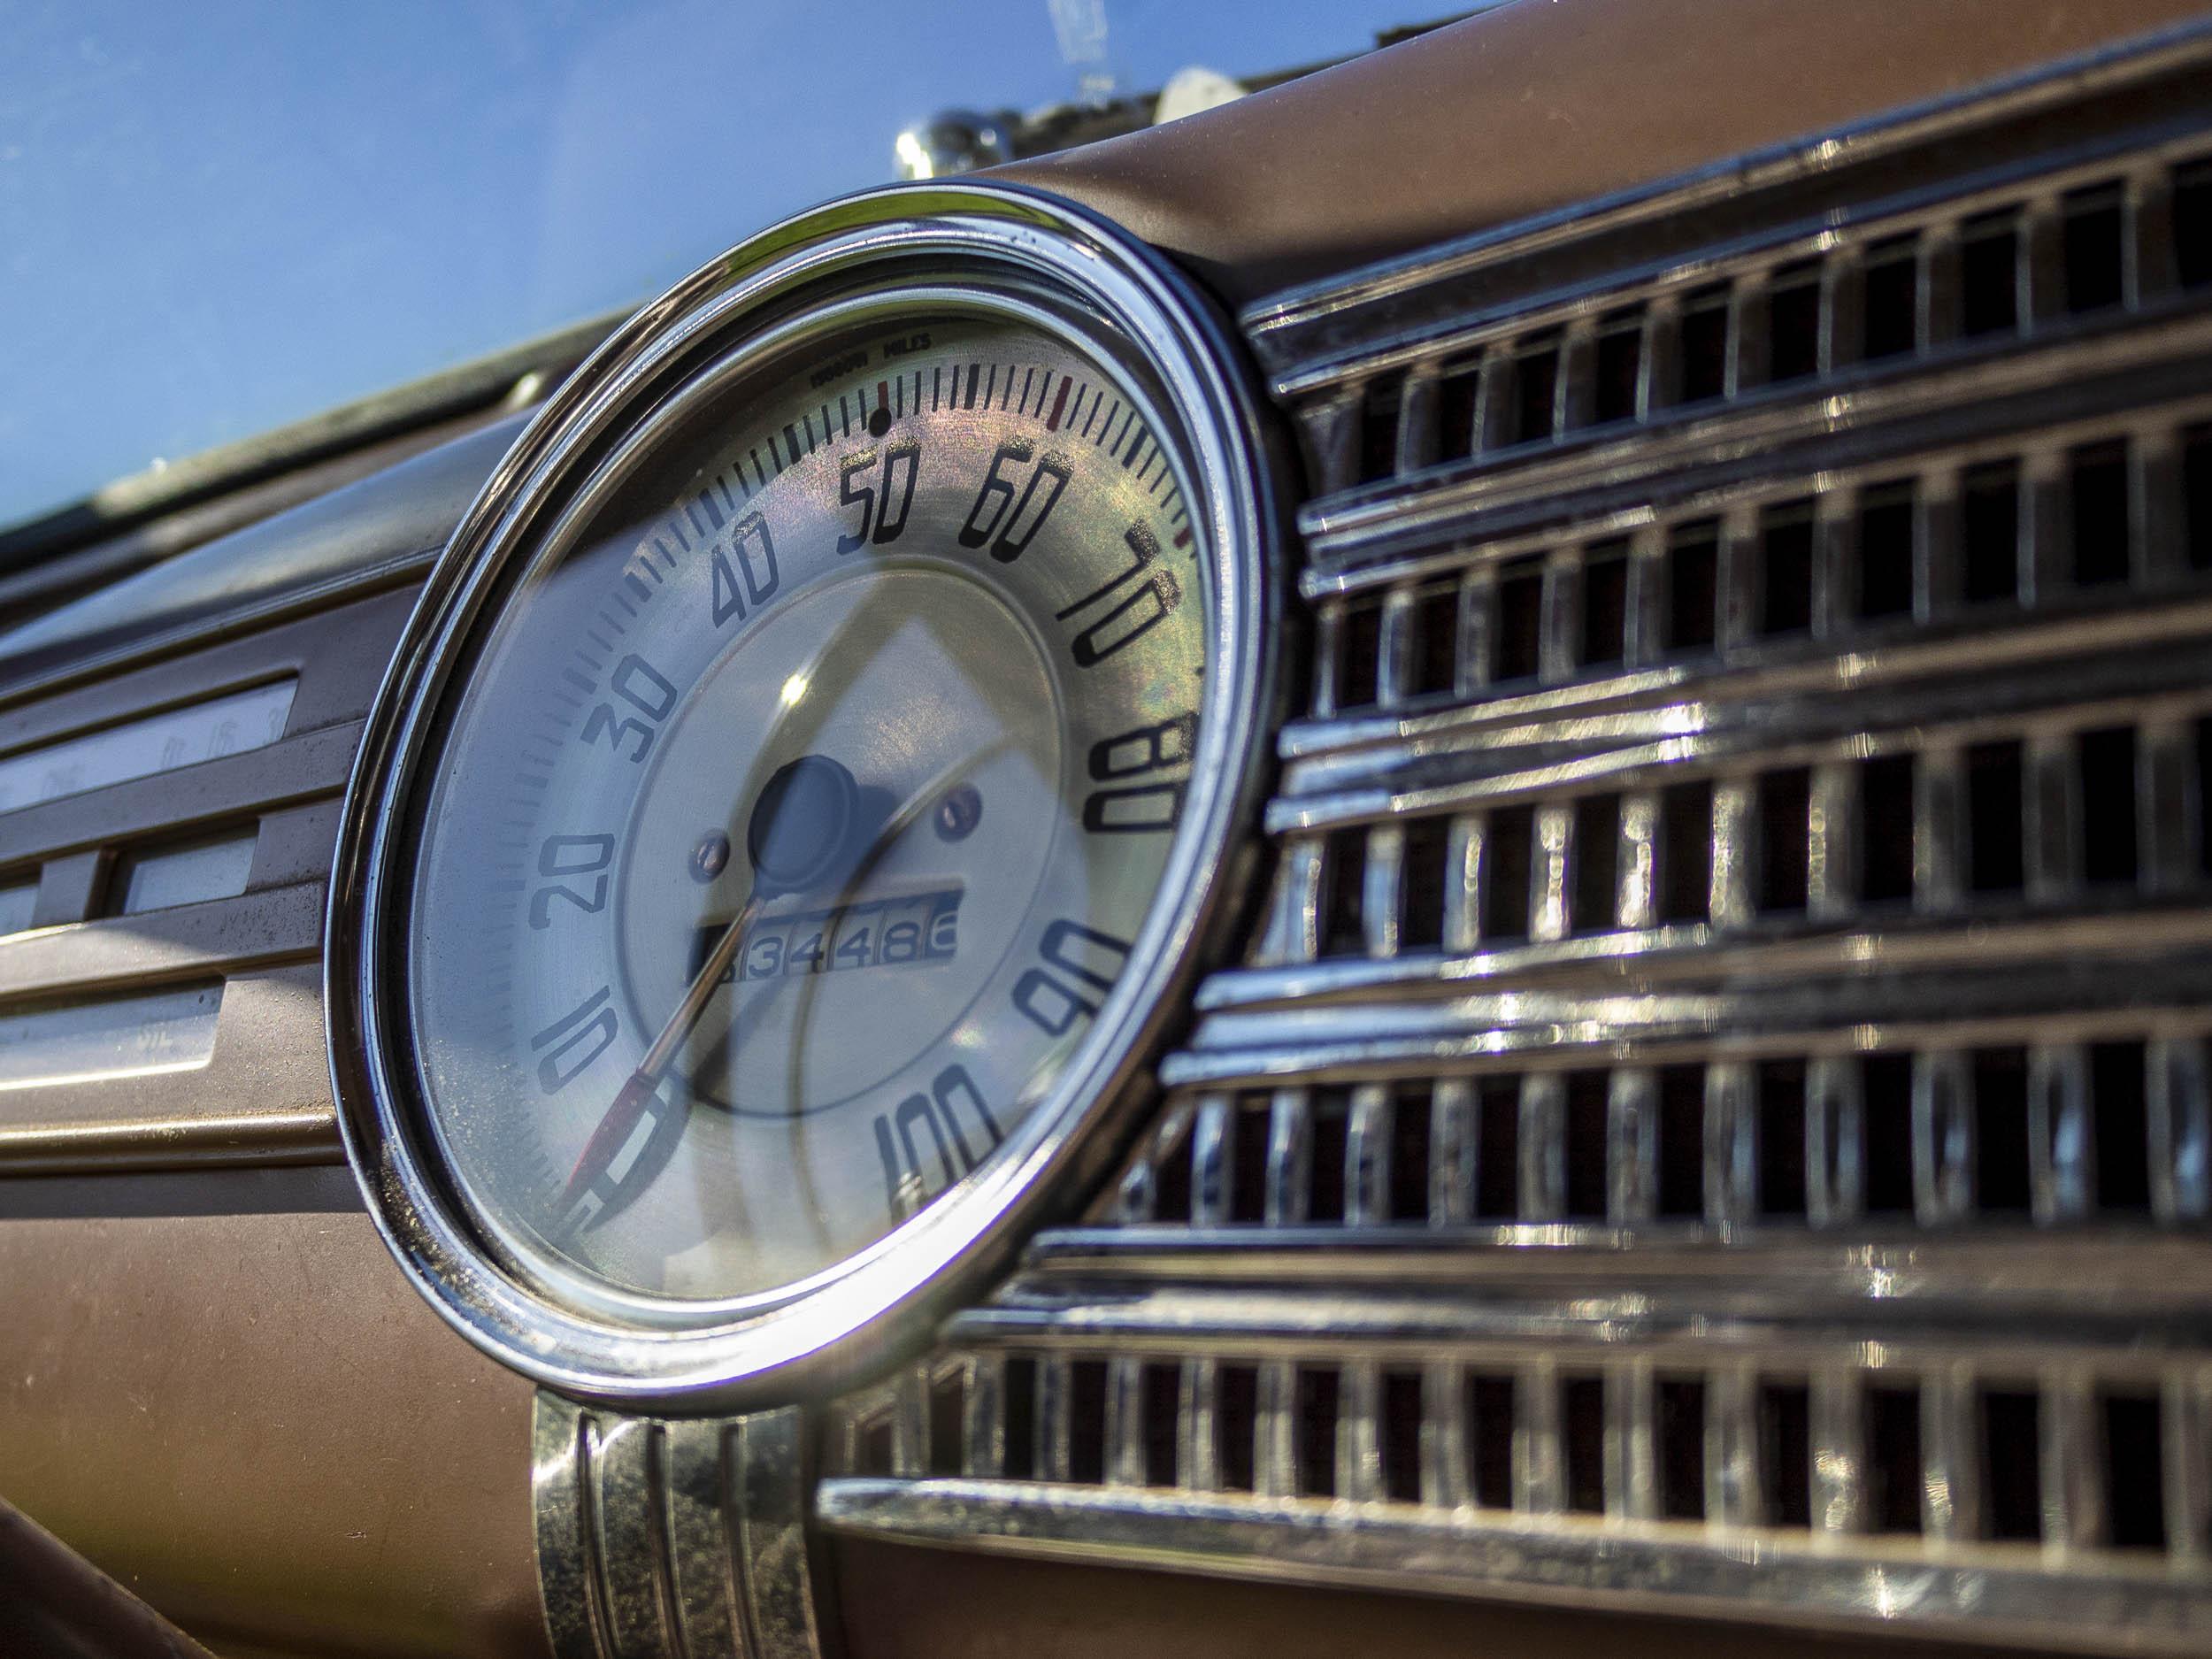 1941 Chevrolet Master Deluxe speedometer